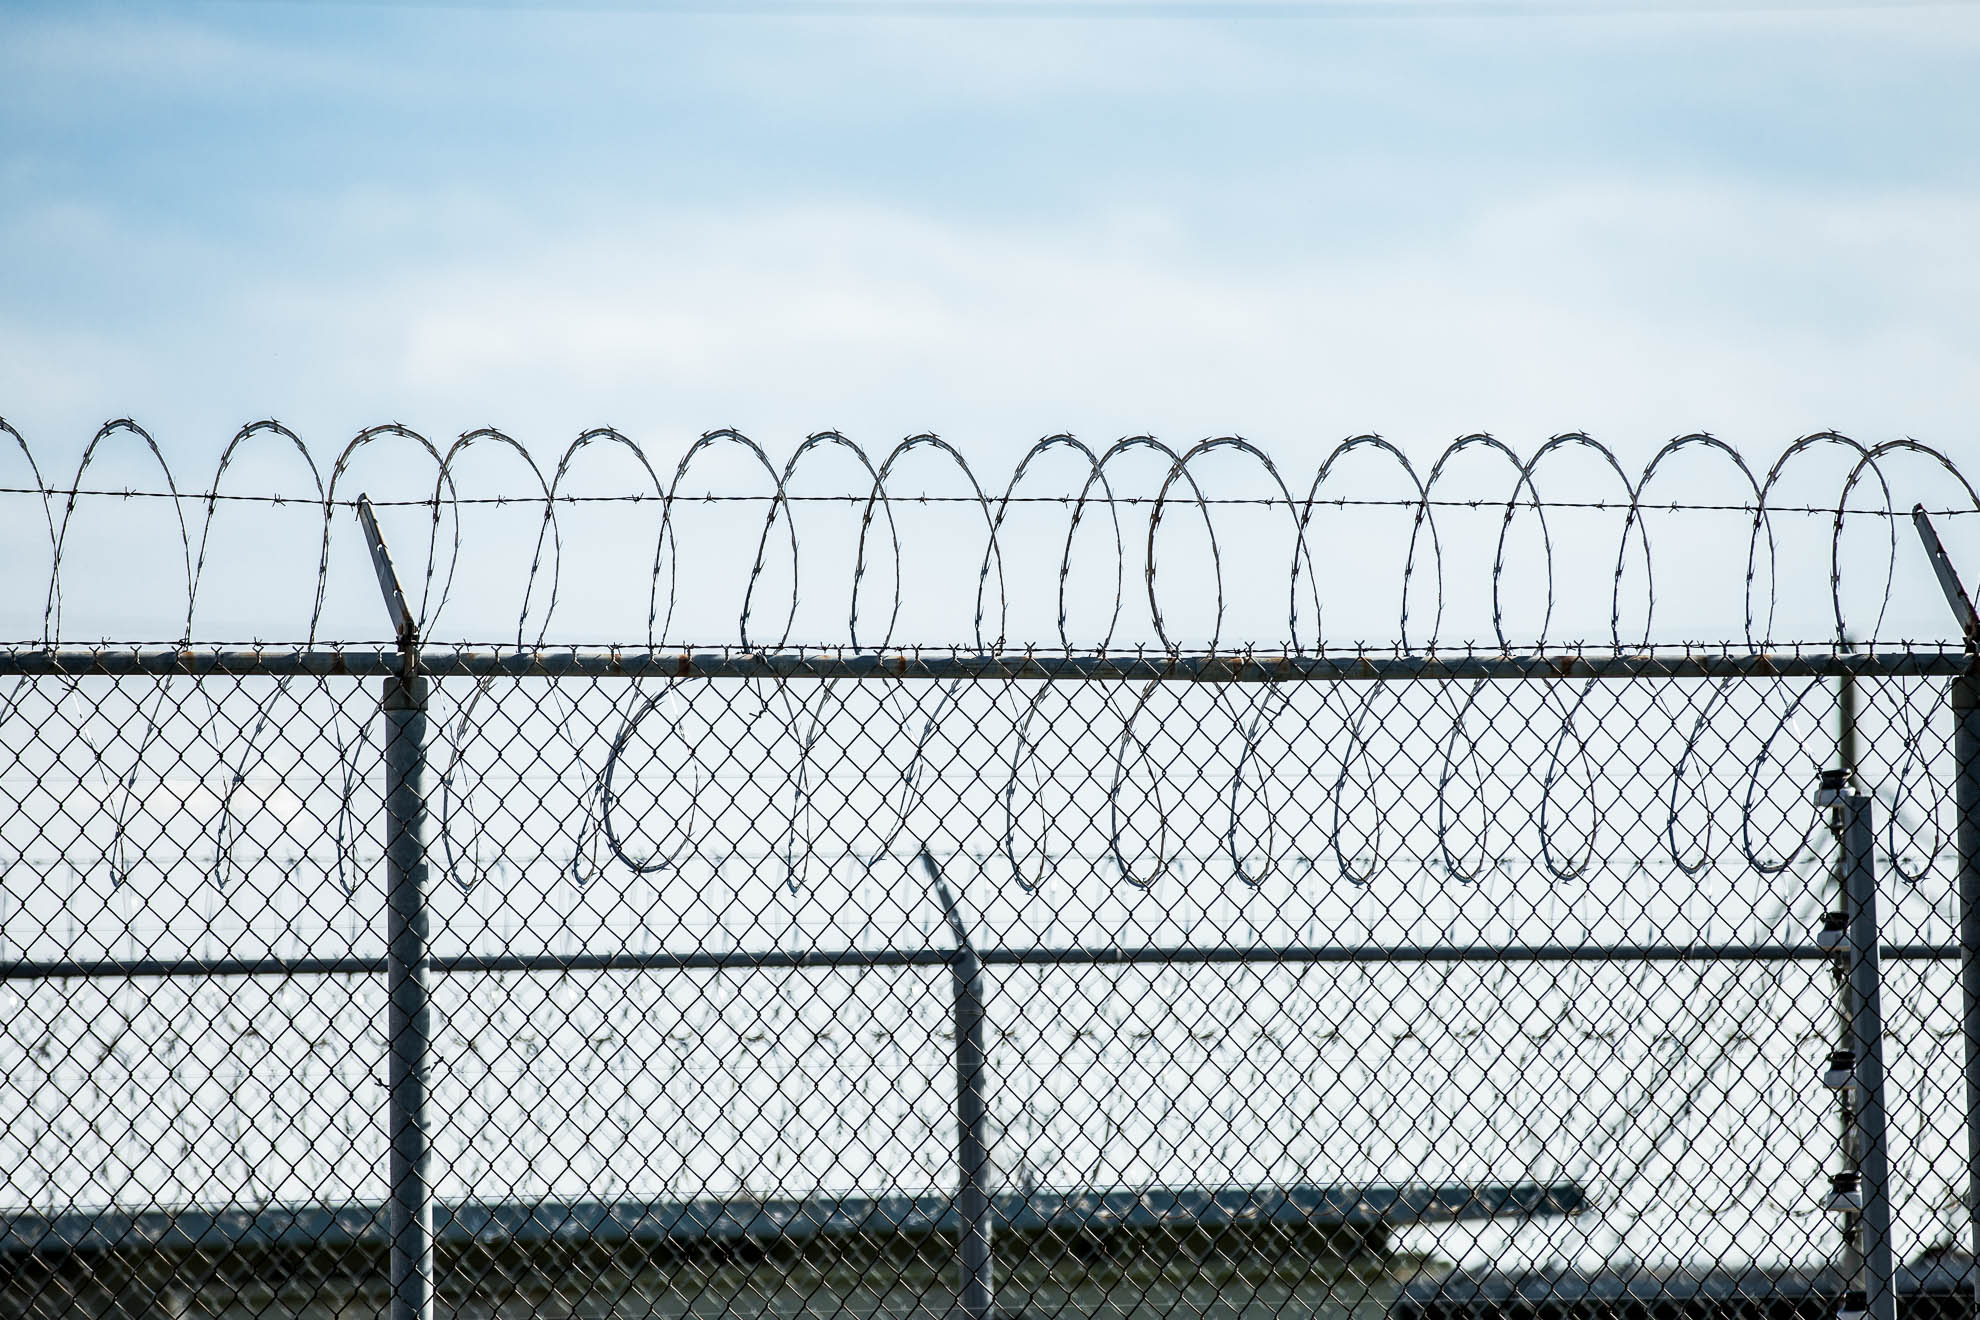 death penalty, death row, prison, fencing wire, arkansas